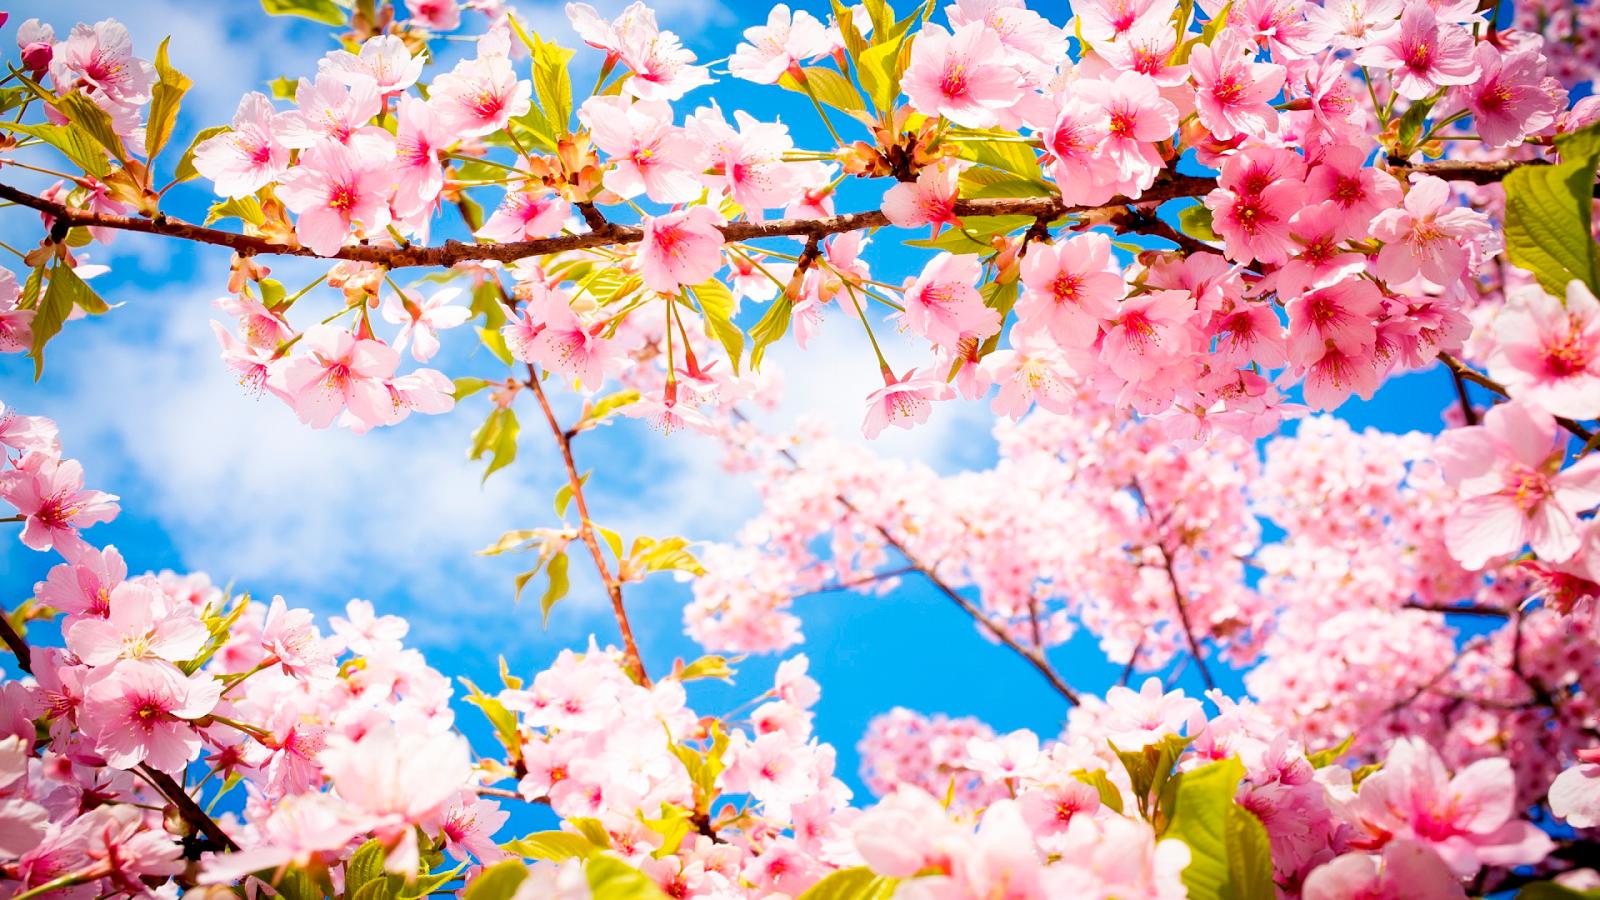 Fondos De Pantalla De Flores Hermosas Para Fondo Celular: Fondos De Flores Hd En Hd Gratis Para Poner En El Celular